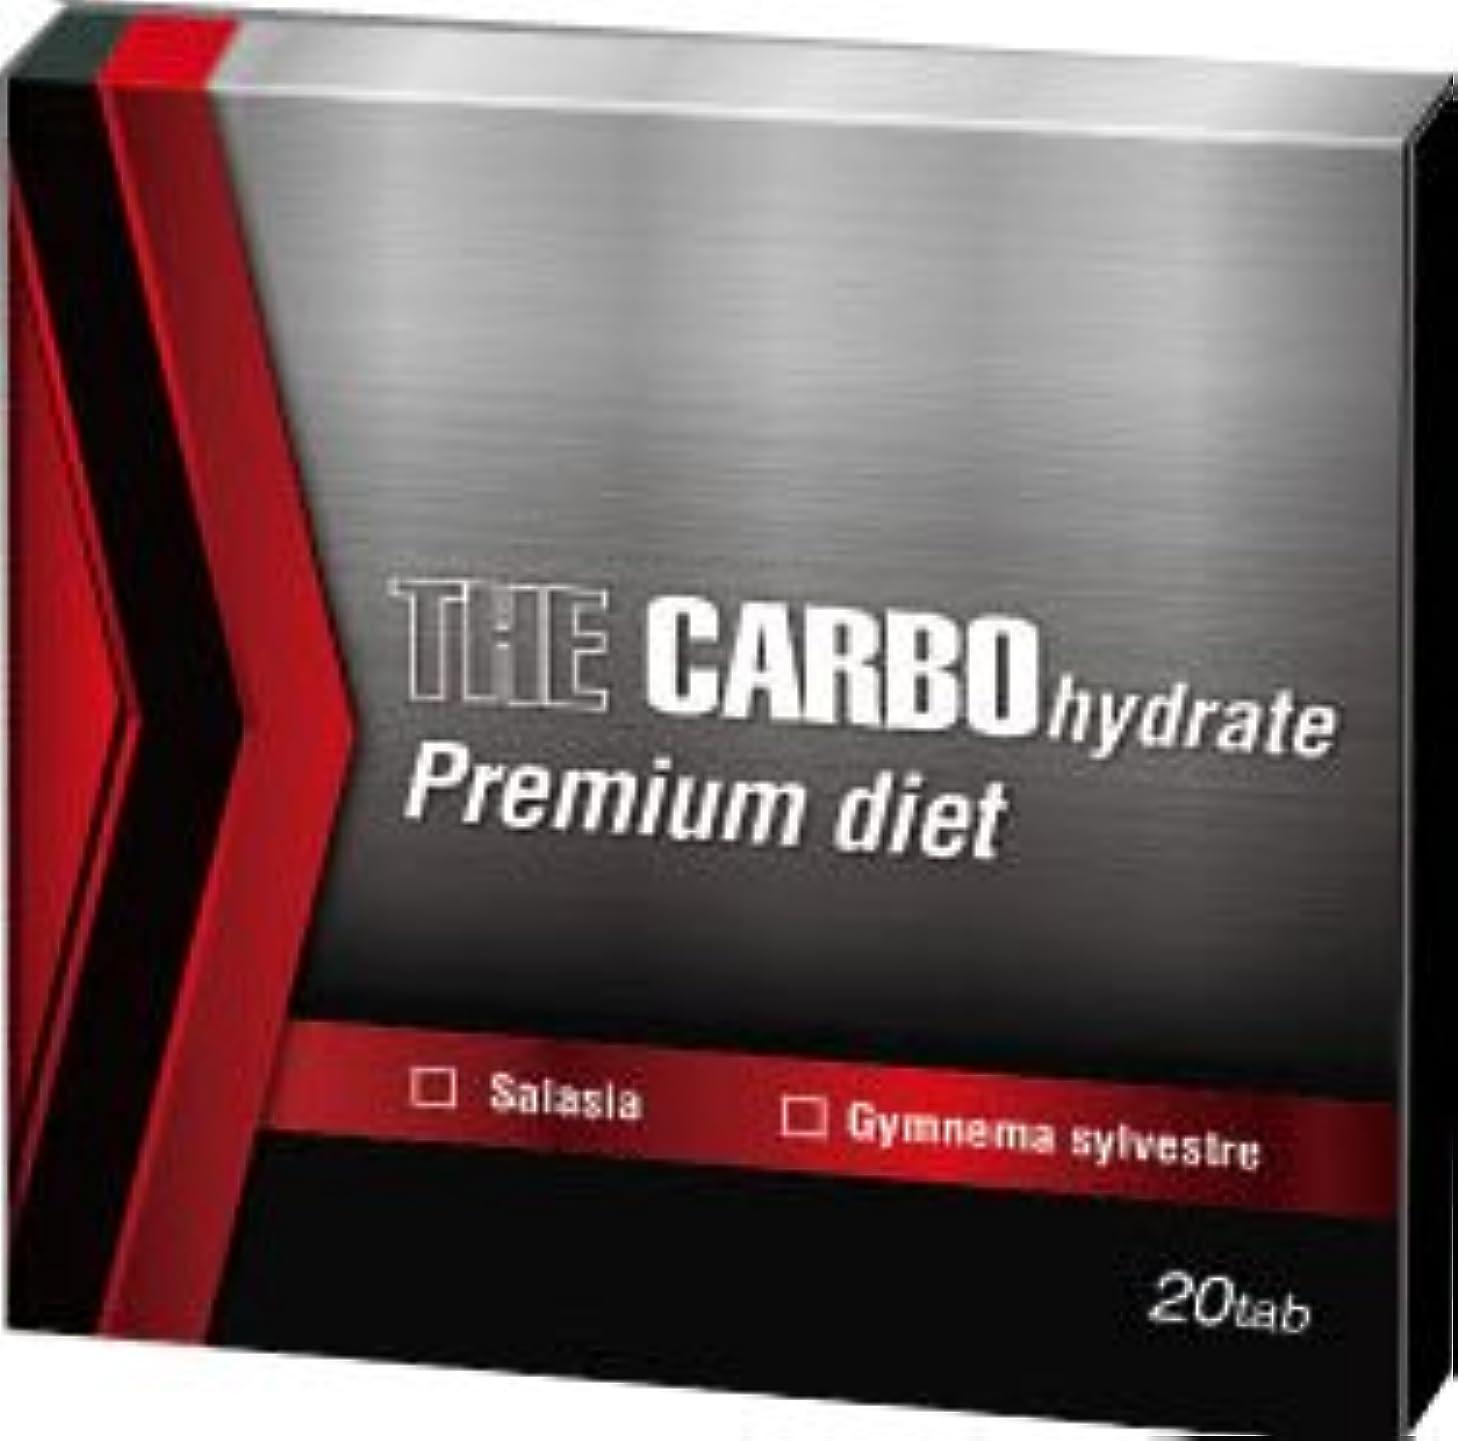 溶接共感する行列ザ?糖質プレミアムダイエット20Tab〔THE CARBO hydrate Premium daiet〕